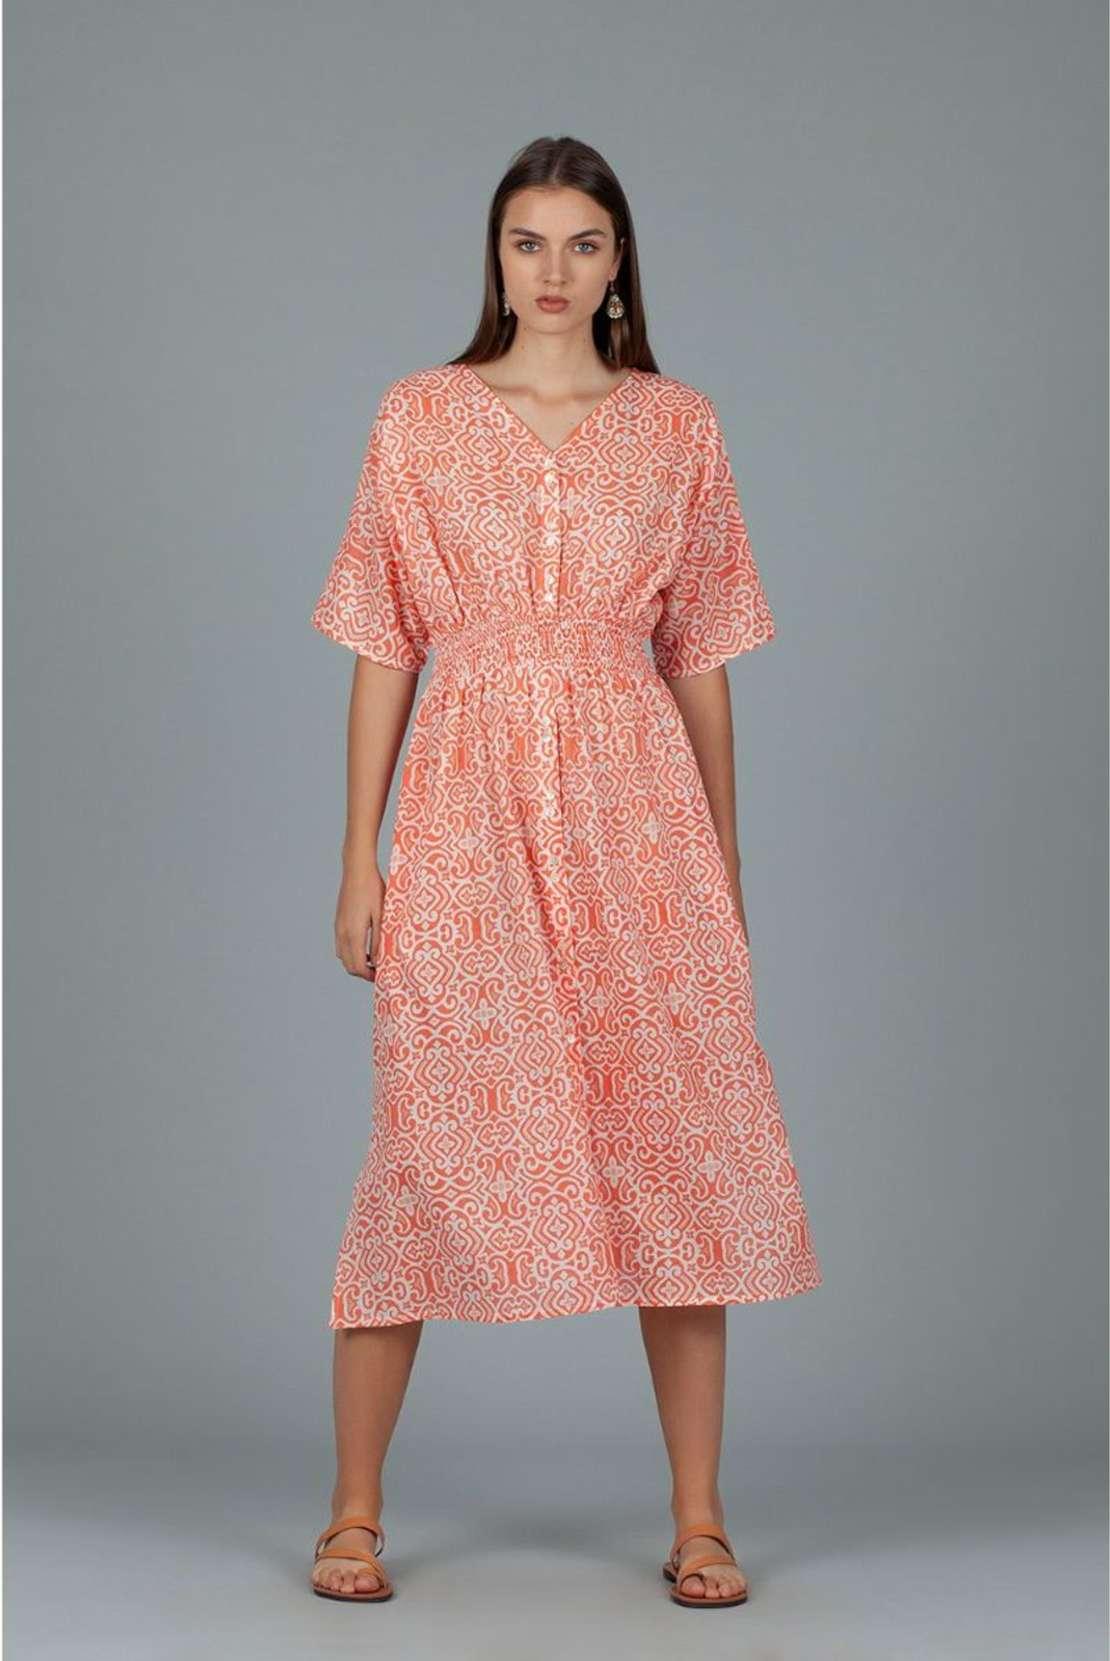 Dream Hanoi Dress Coral Hot Summer Fashion